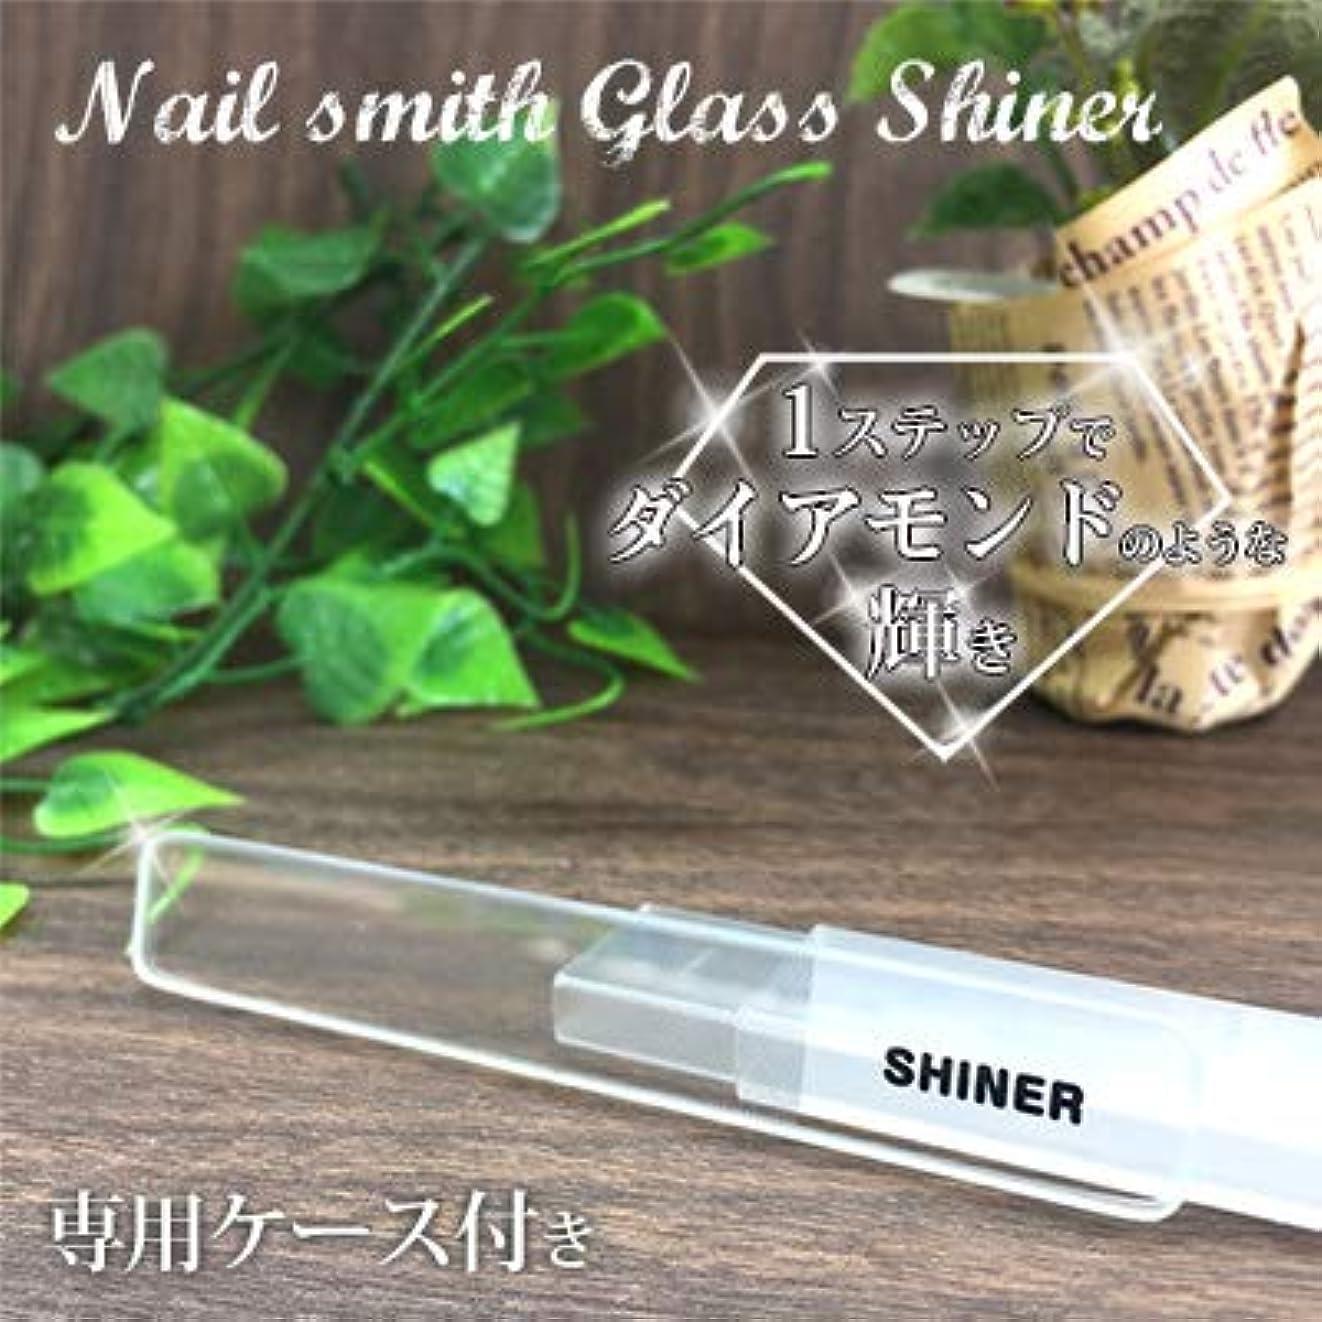 遵守する大事にする白菜nail smith ネイルスミス ガラスシャイナー